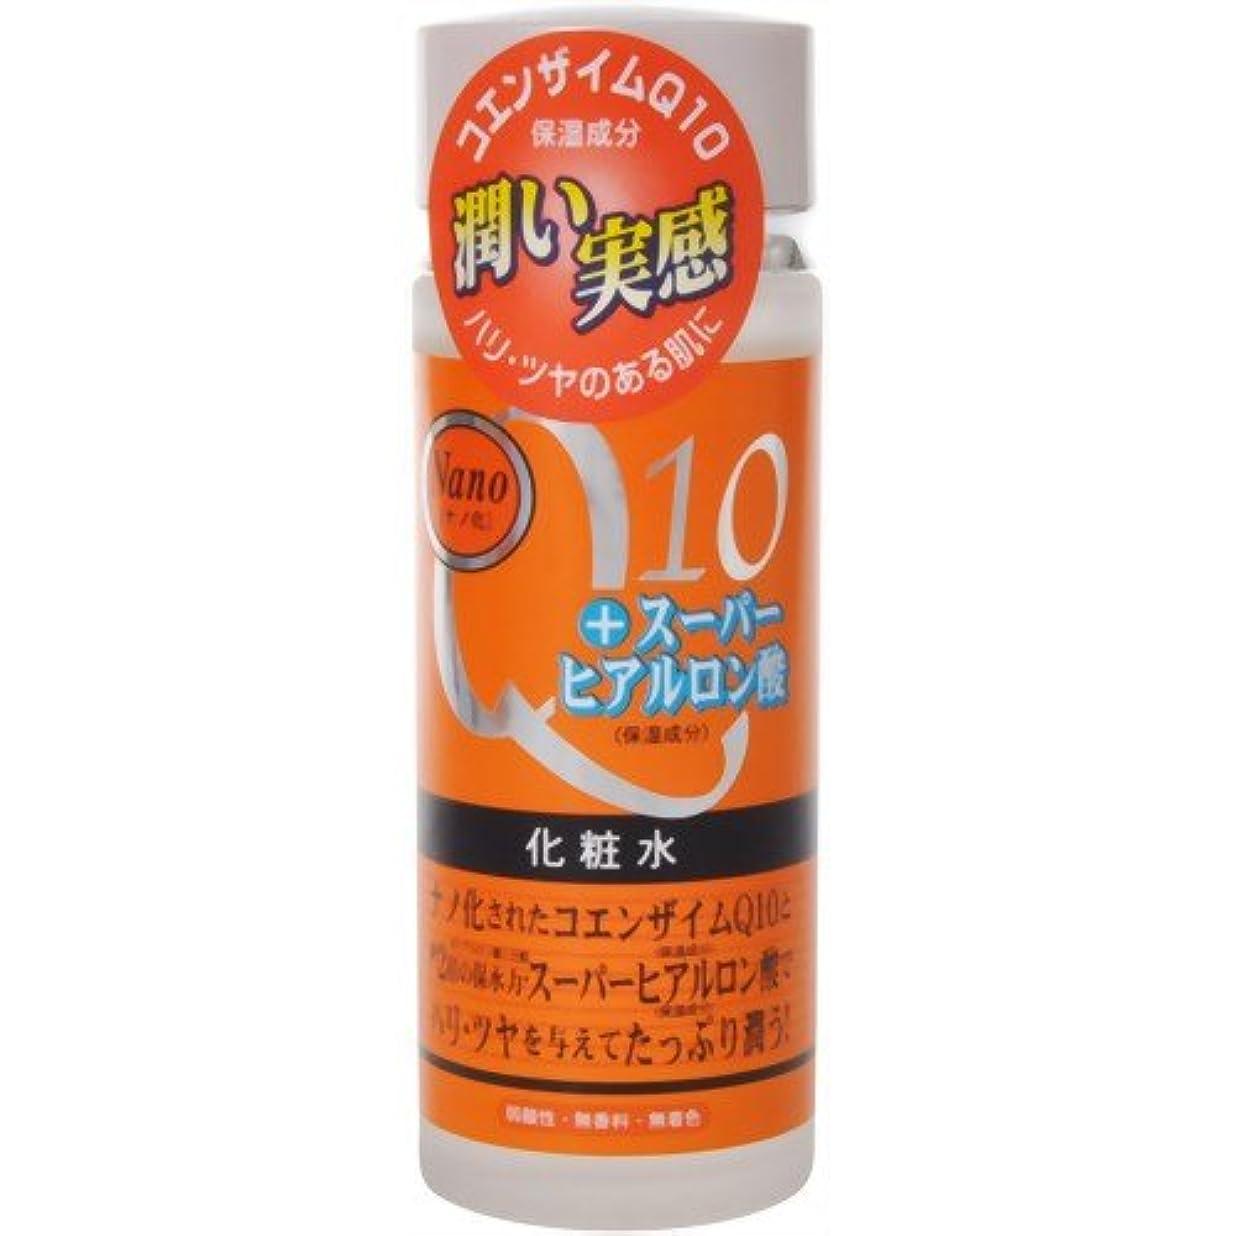 危険にさらされているパントリー一般化するナノ化?コエンザイムQ10&スーパーヒアルロン酸化粧水 120ml